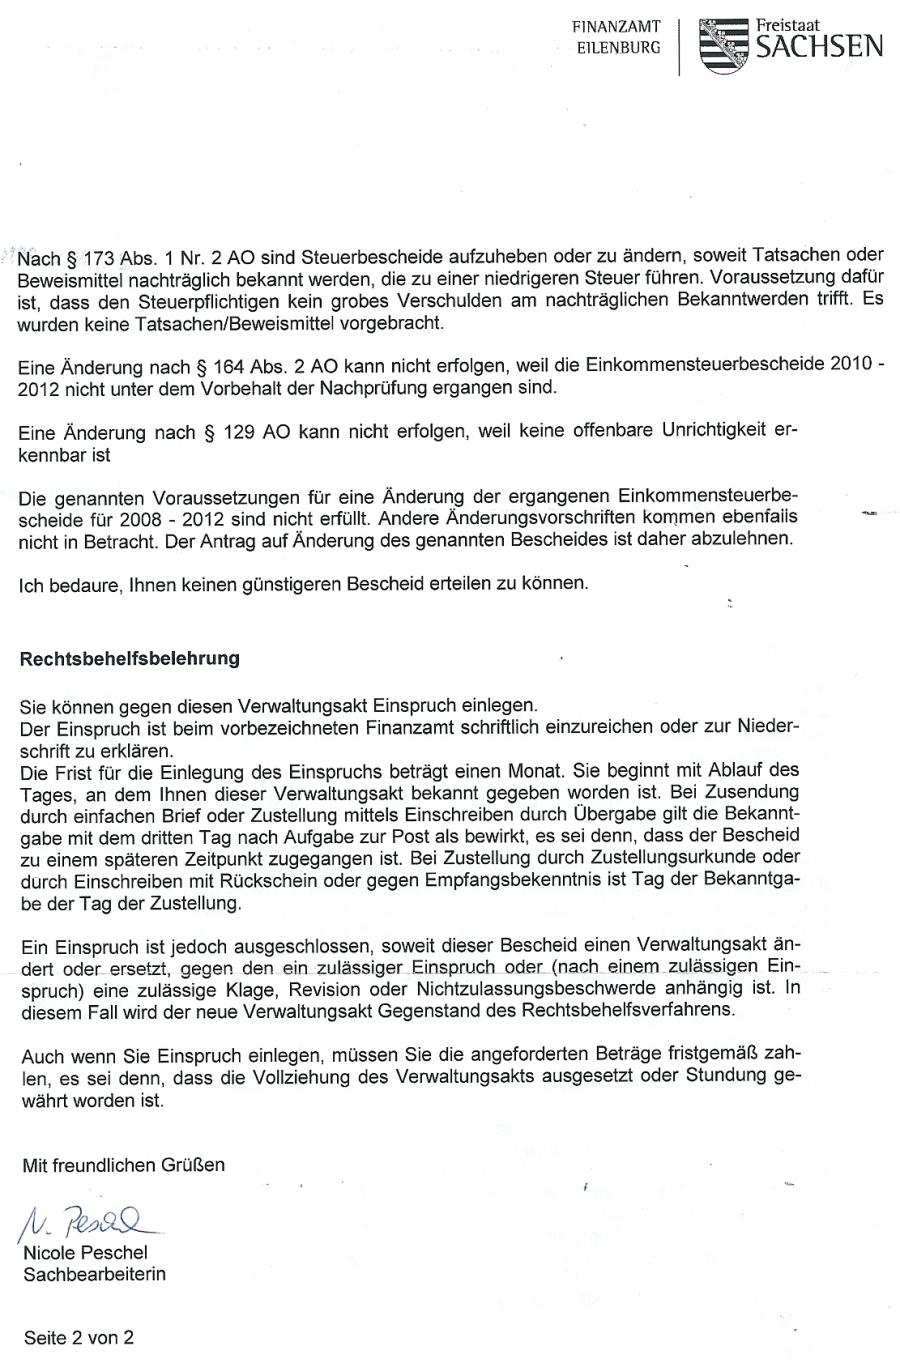 Finanzamt Eilenburg 2